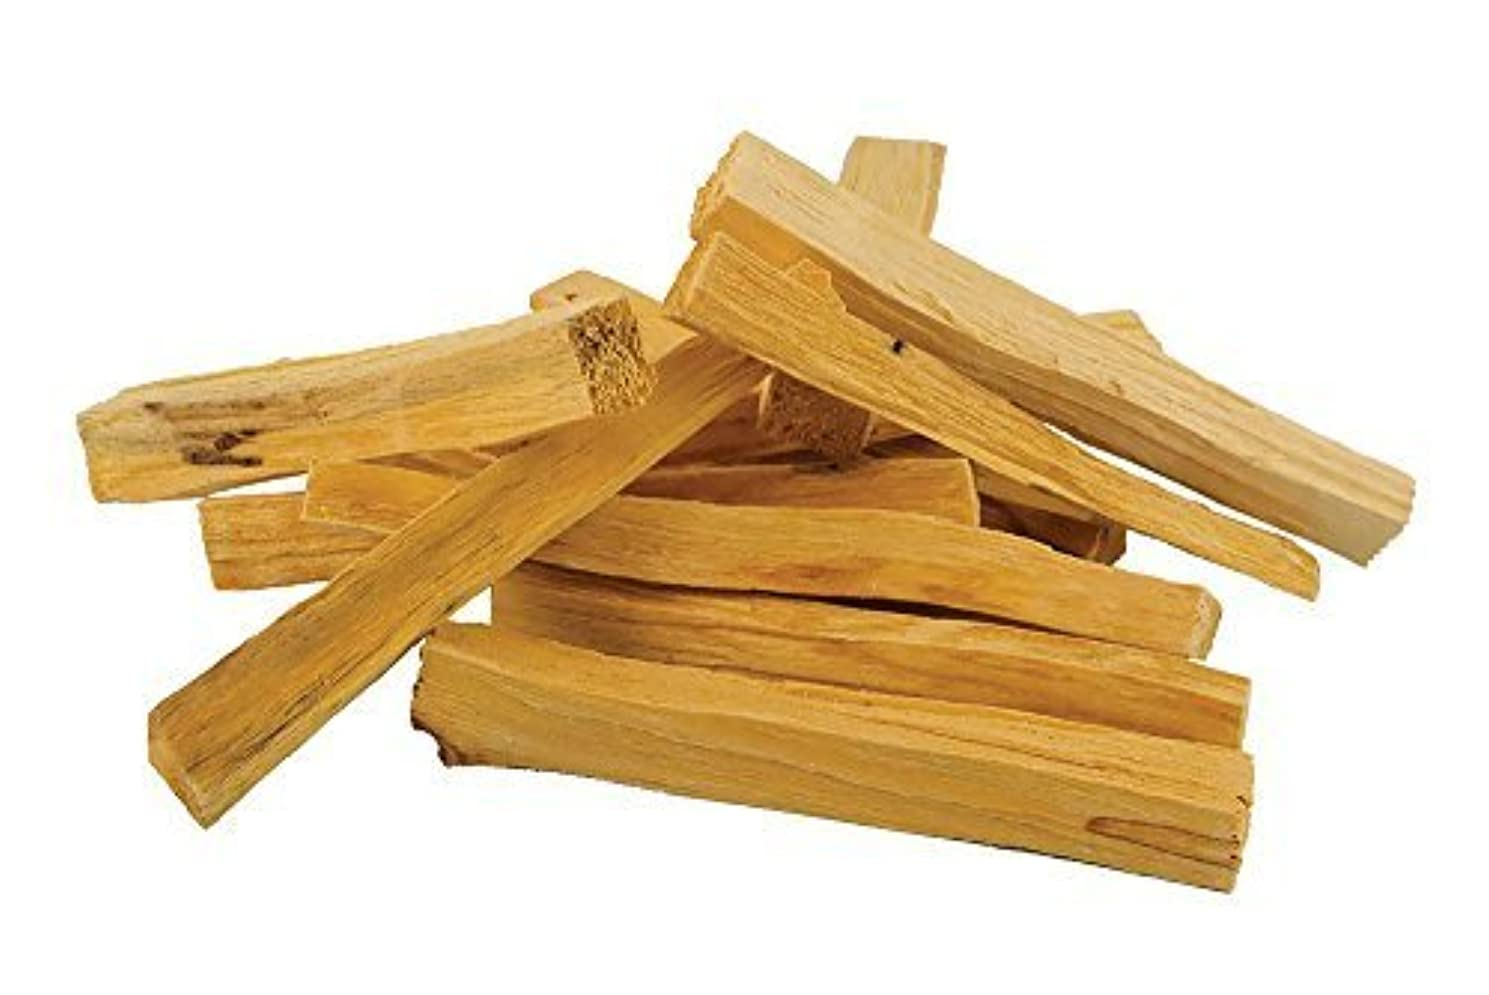 レンジリングレット手配するPalo SantoペルーHoly Wood Sticks – 1ポンドバッグ